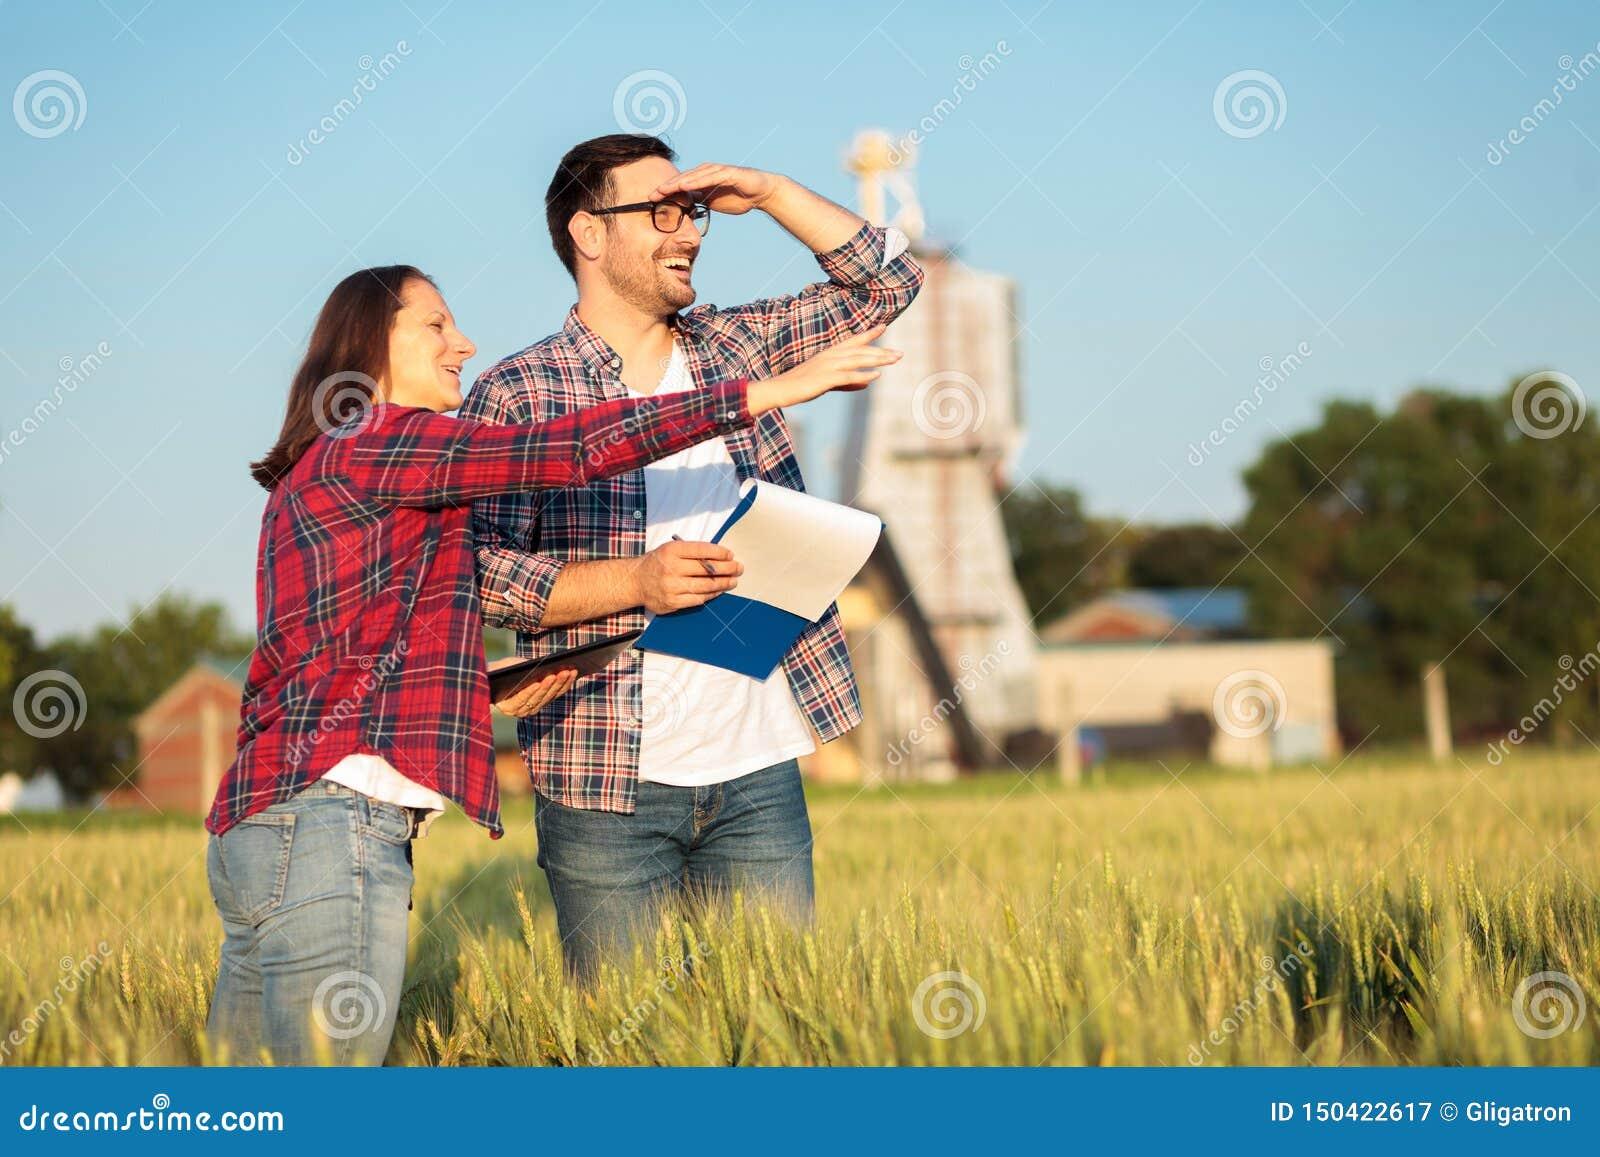 Glückliche junge weibliche und männliche Agronomen oder Landwirte, die Weizenfelder kontrollieren, bevor die Ernte Frau auf etwas